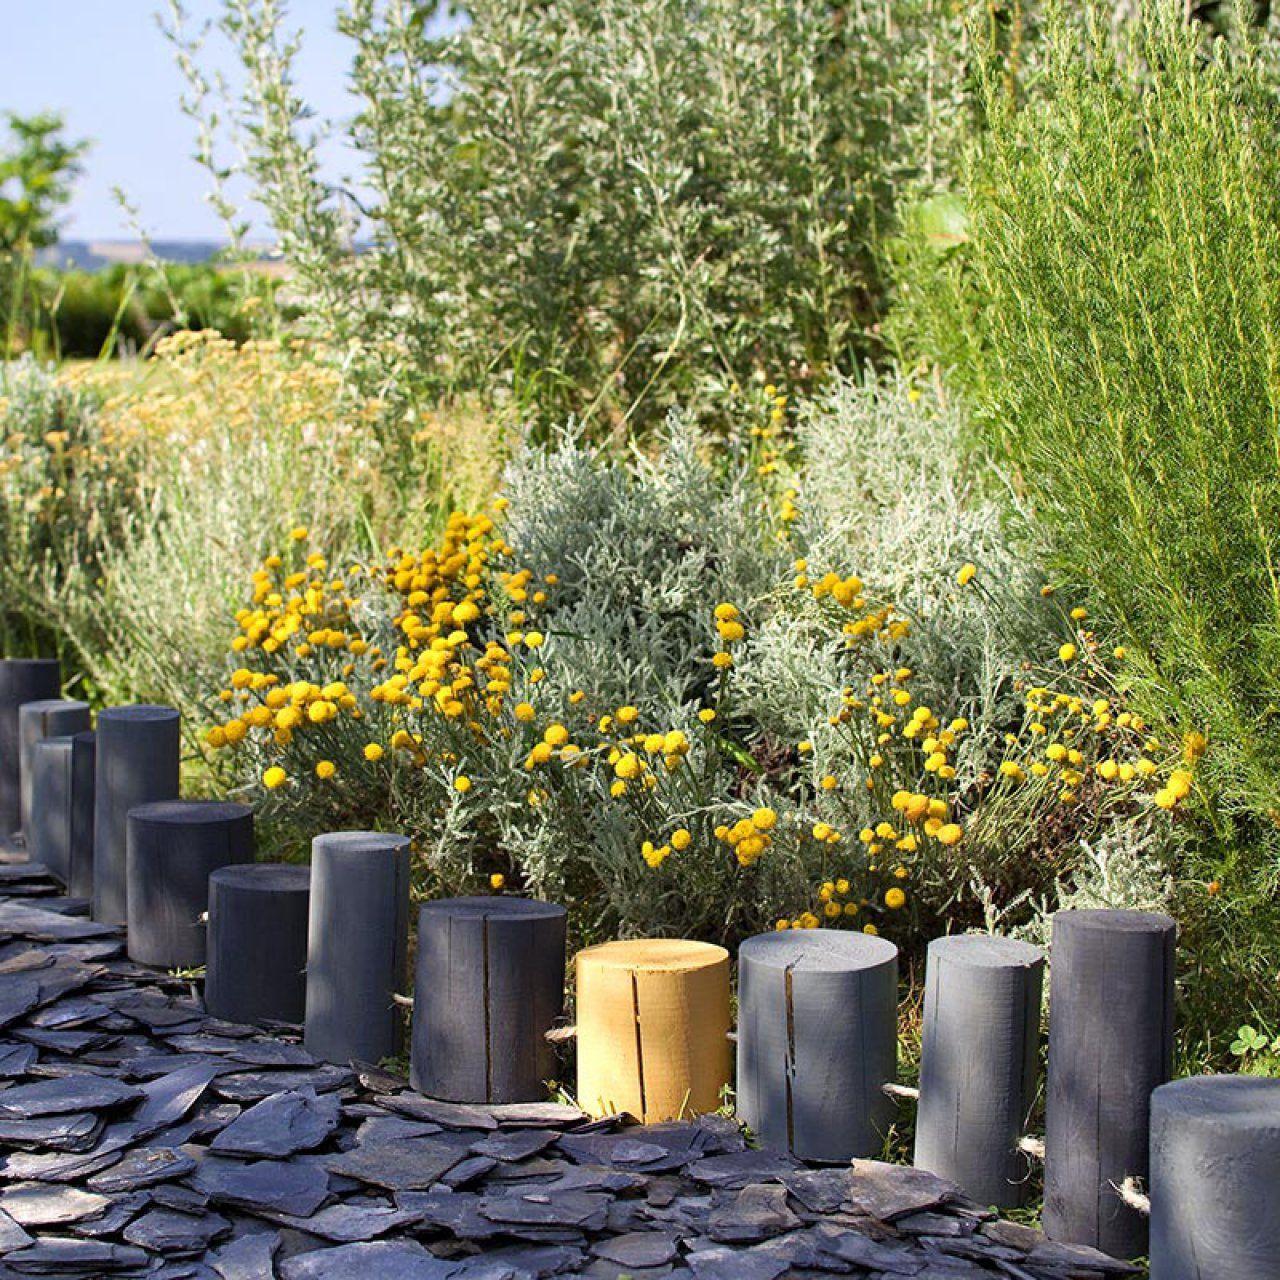 Une Bordure De Rondins Pour Le Jardin | Amenagement Jardin ... à Bordure Rondin Bois